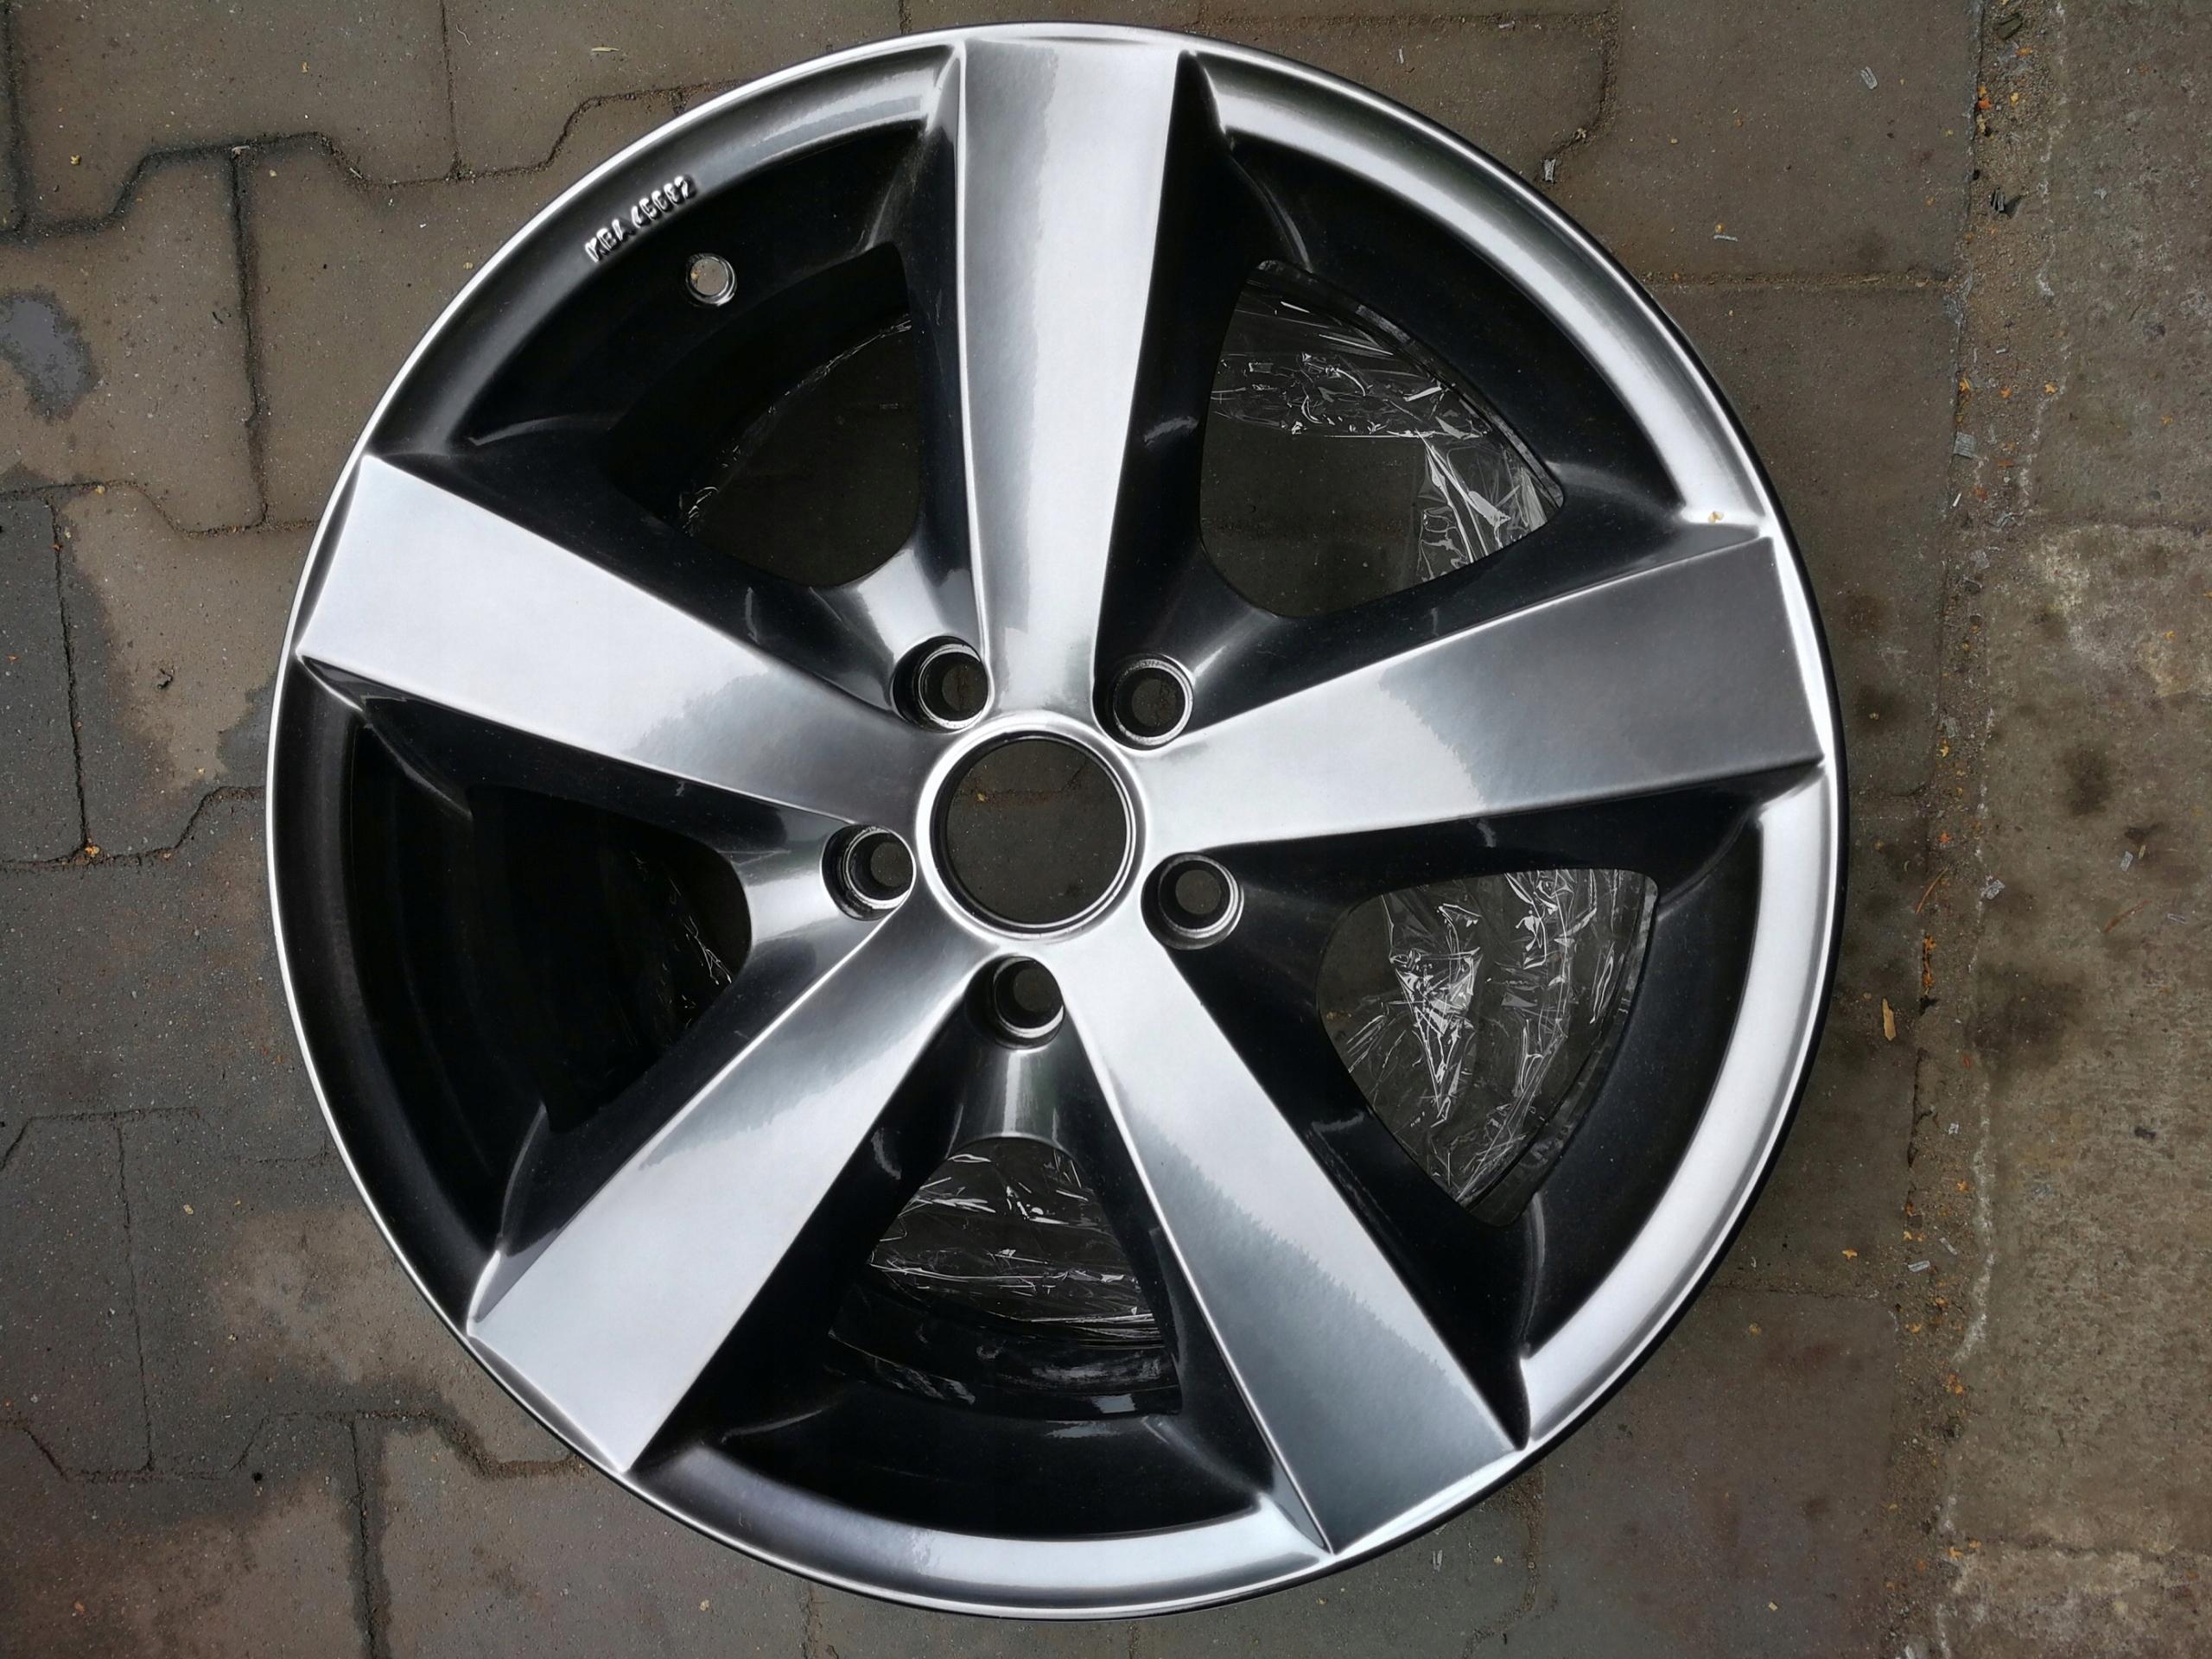 Felgi Aluminiowe 75 17 5x108 Et45 Dezent Malowane 7466386432